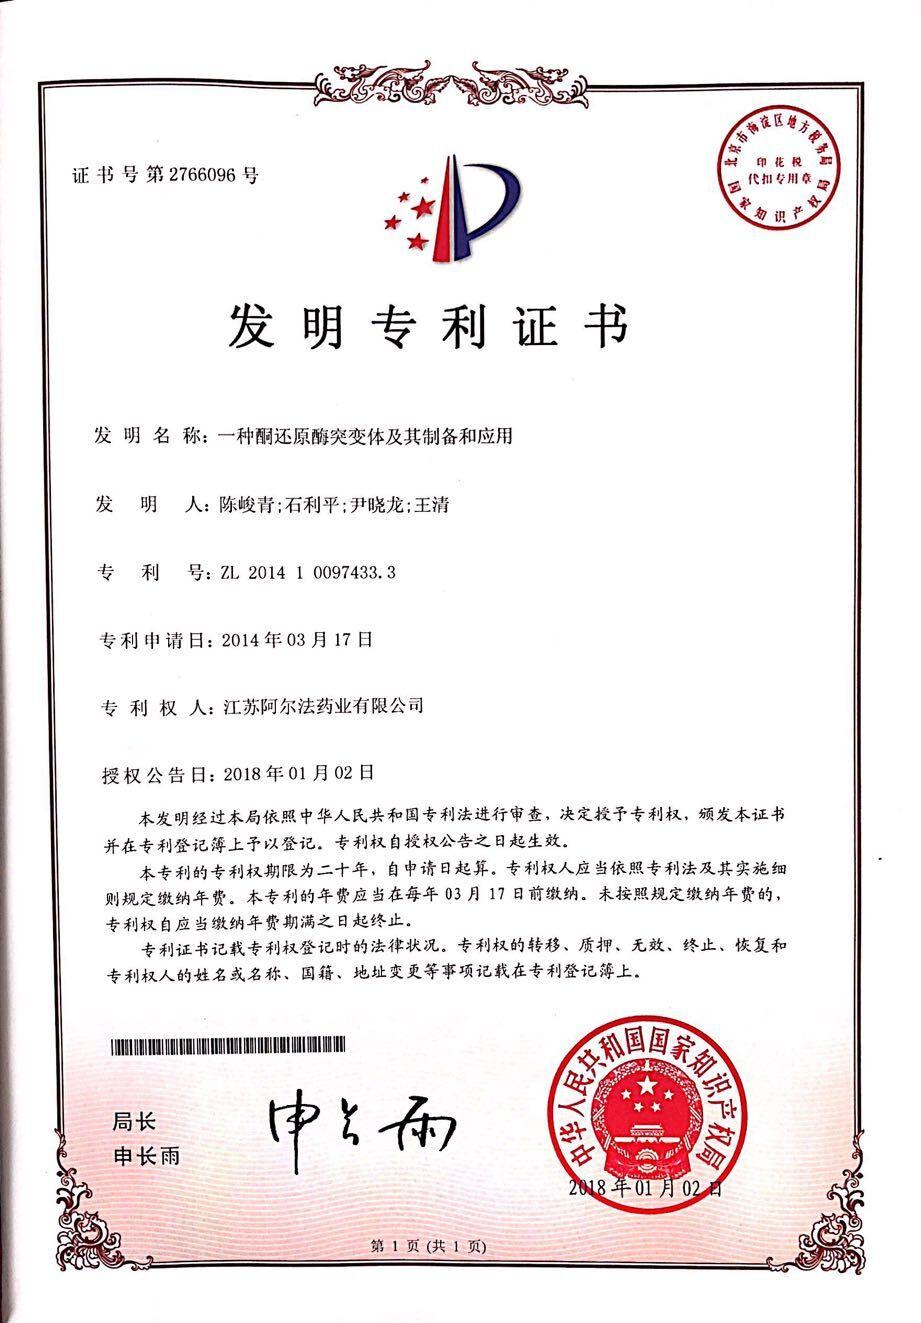 榮譽-專利-18.一種酮還原酶突變體及其制備和應用